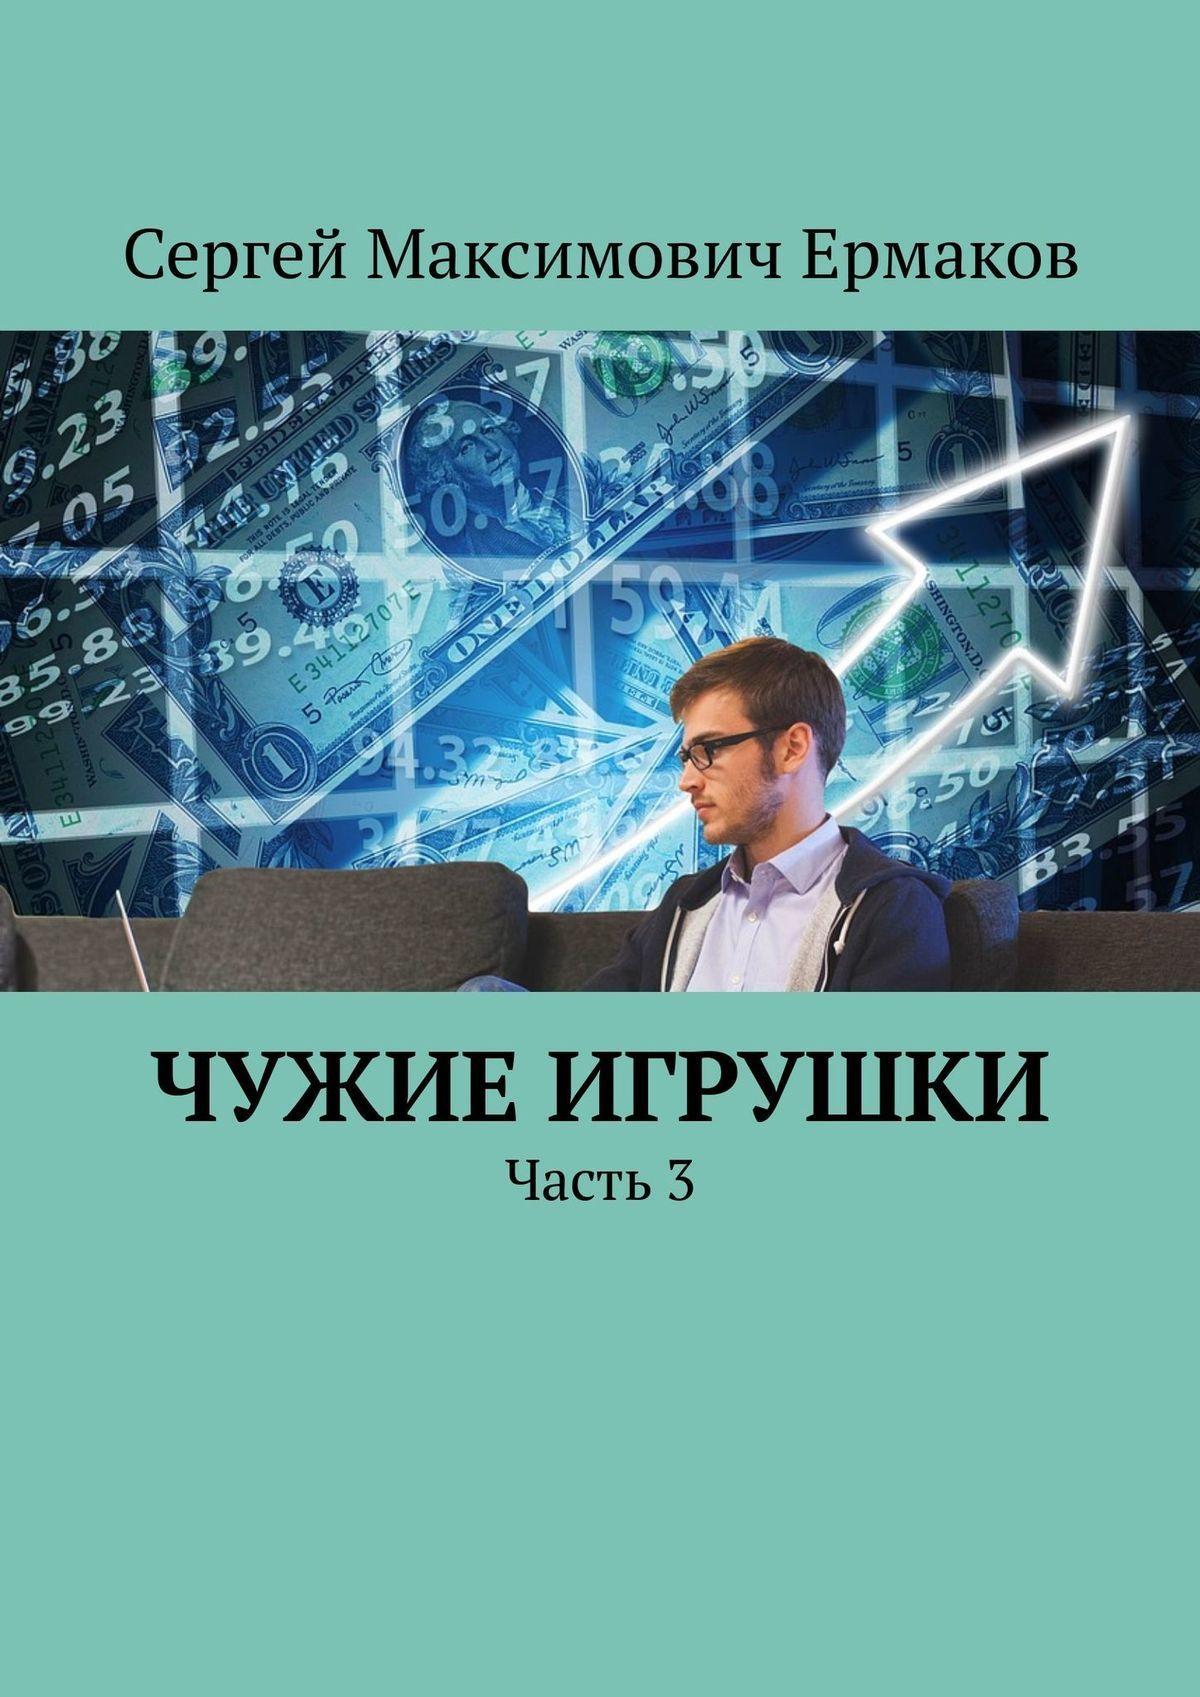 Сергей Ермаков - Чужие игрушки. Часть3